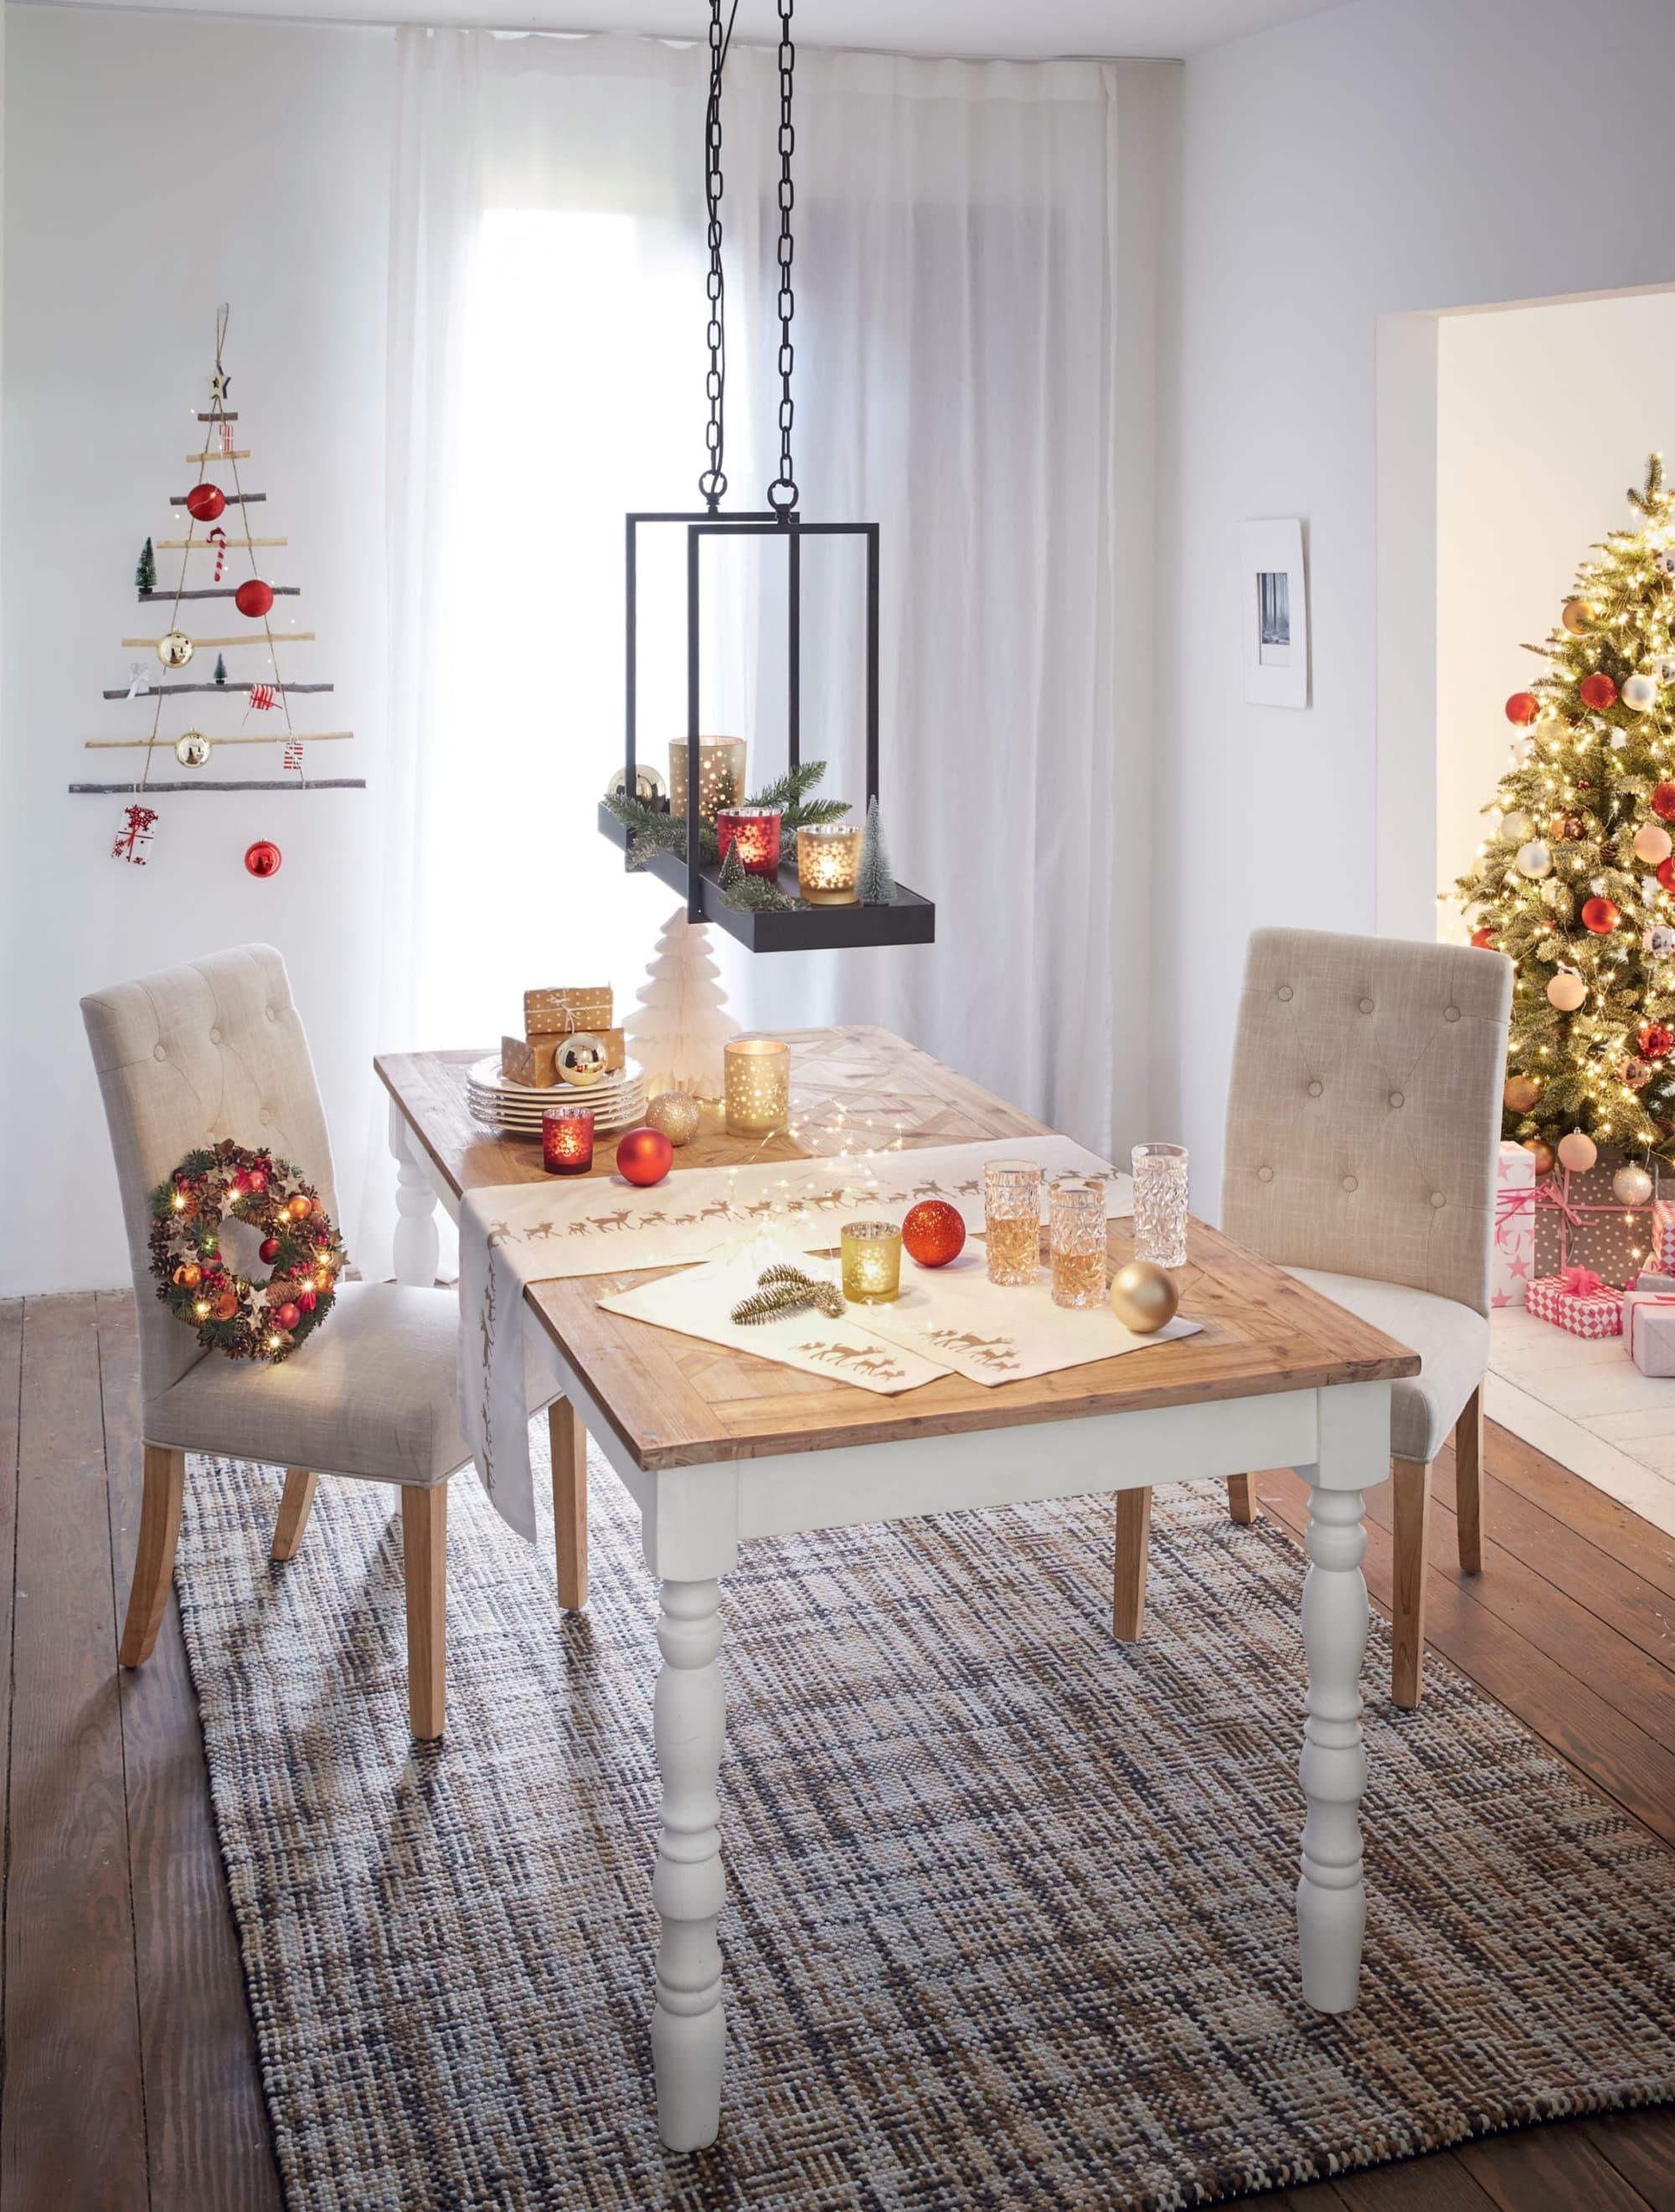 sch n dekorieren k chentisch f r weihnachten ideen. Black Bedroom Furniture Sets. Home Design Ideas